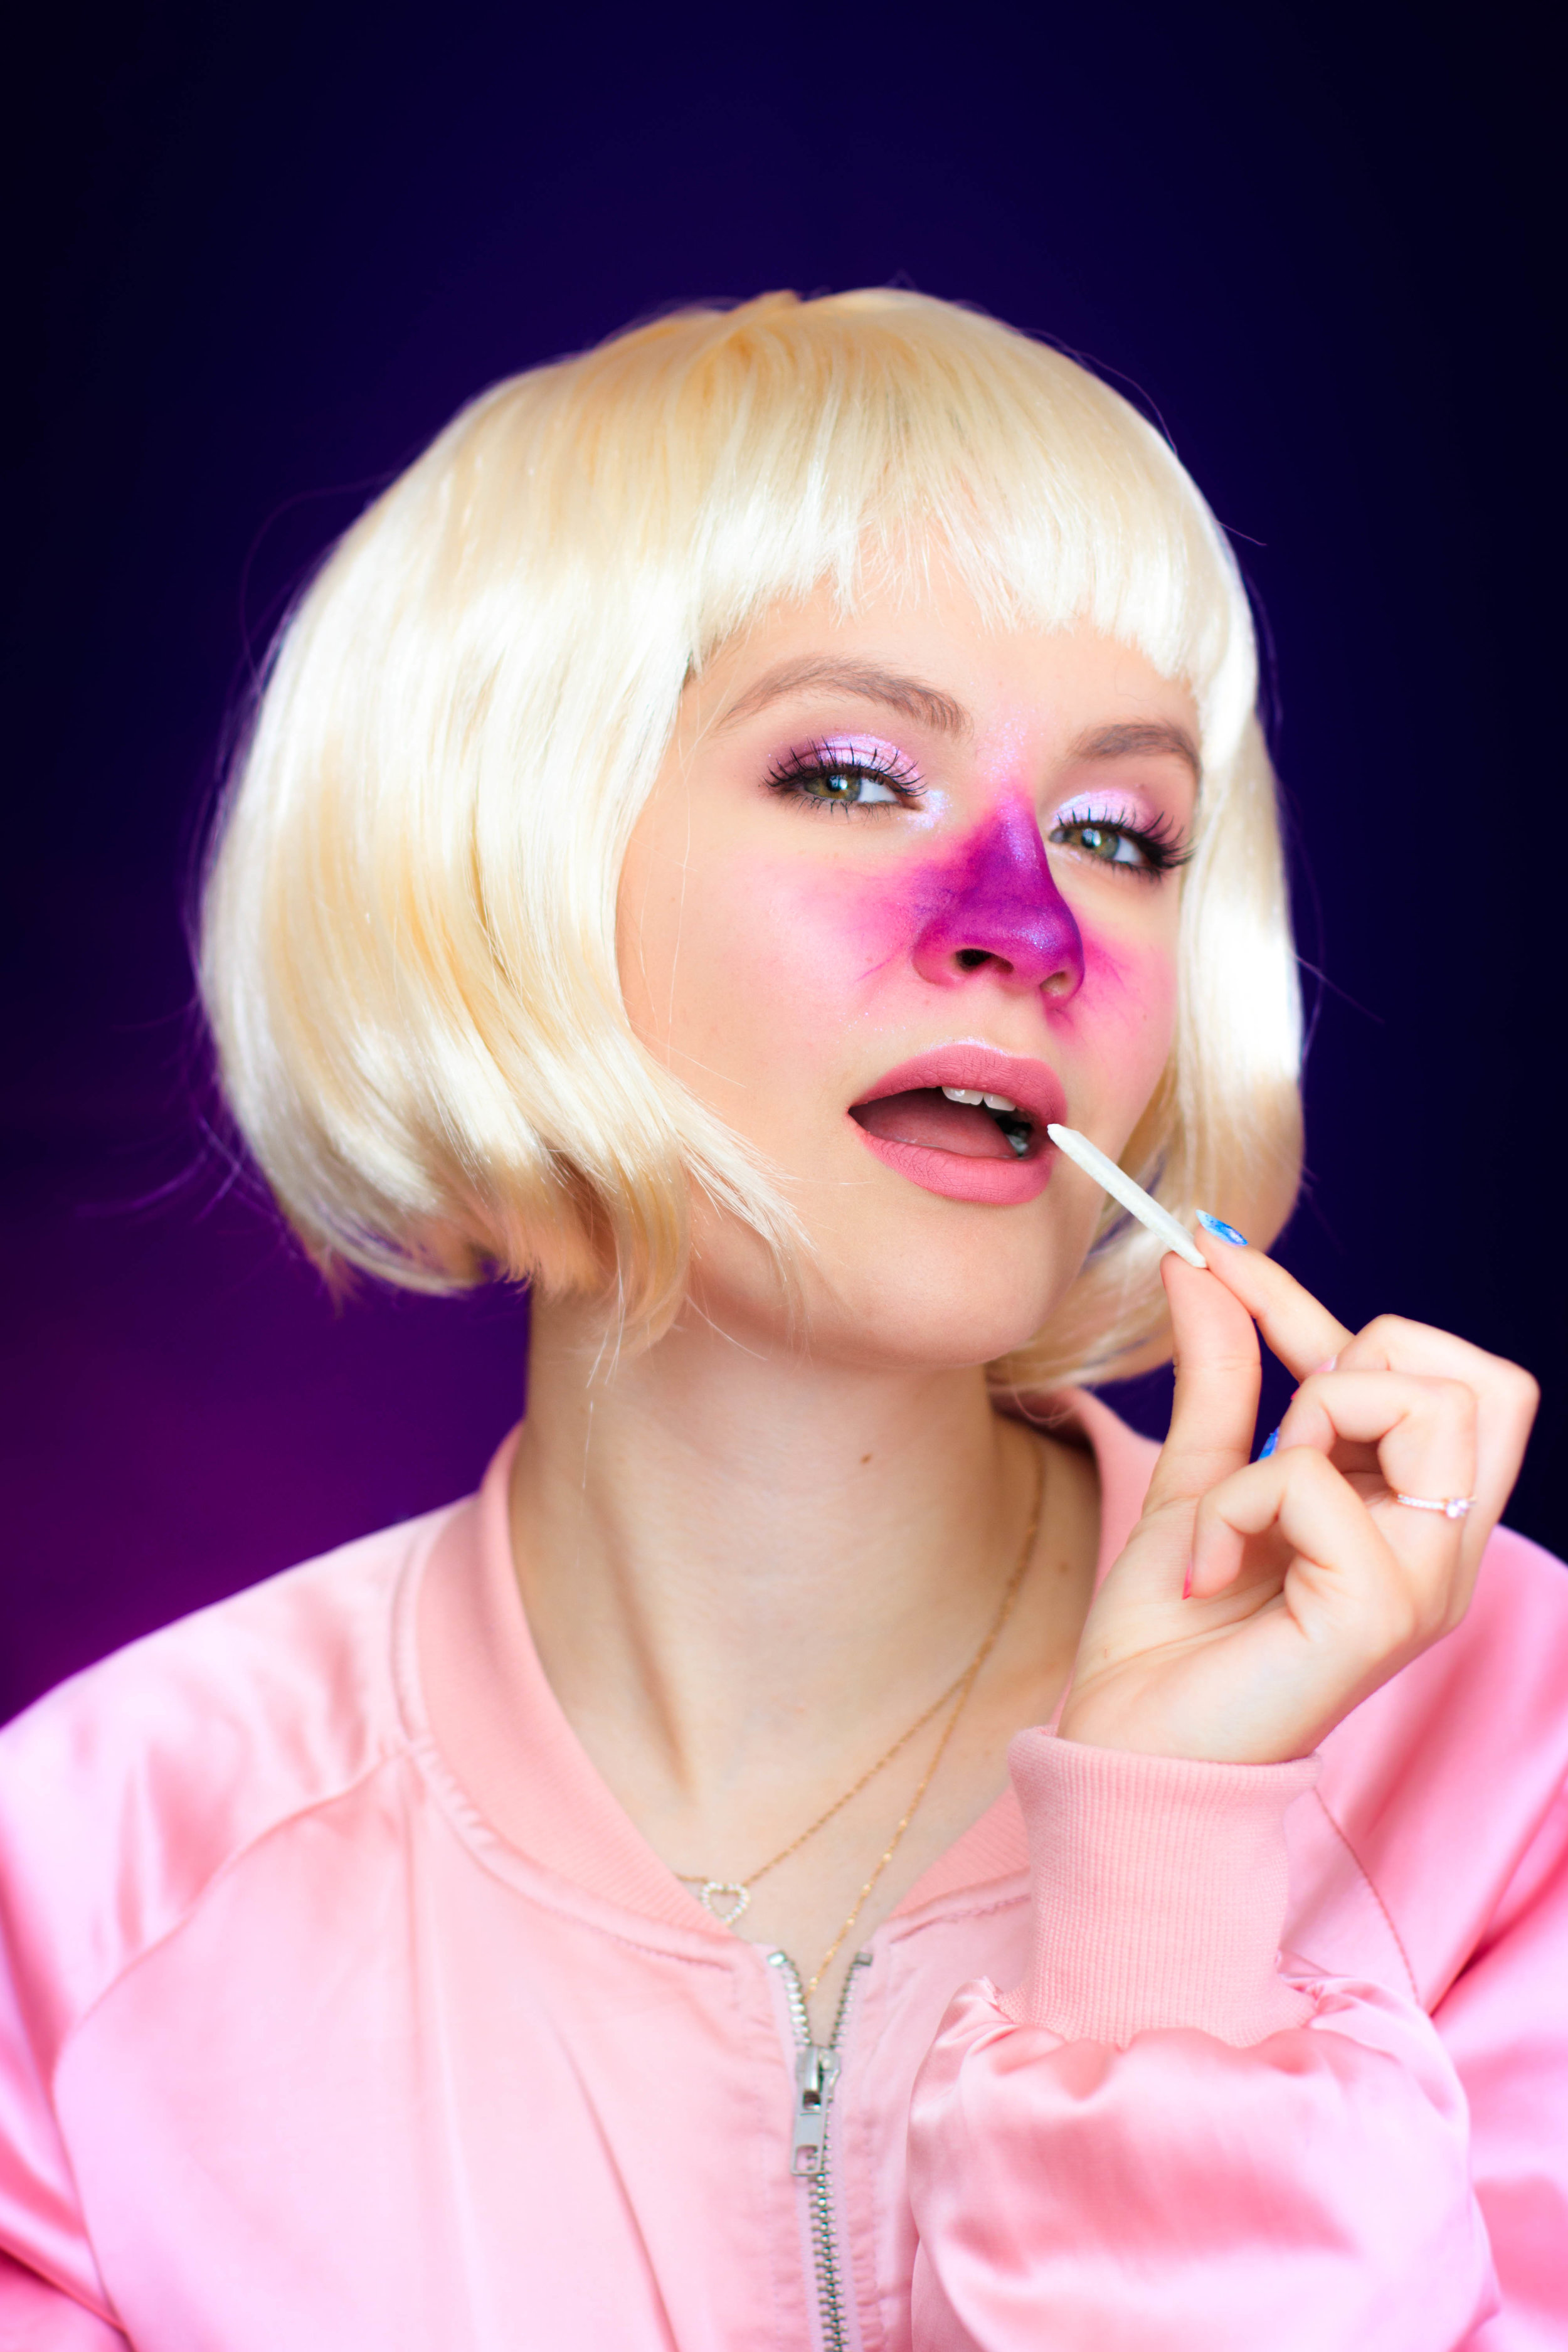 Charlie Et La Chocolaterie Violette : charlie, chocolaterie, violette, Halloween, Makeup, Charlie, Chocolaterie, Violette, Beauregard, Pauuulette